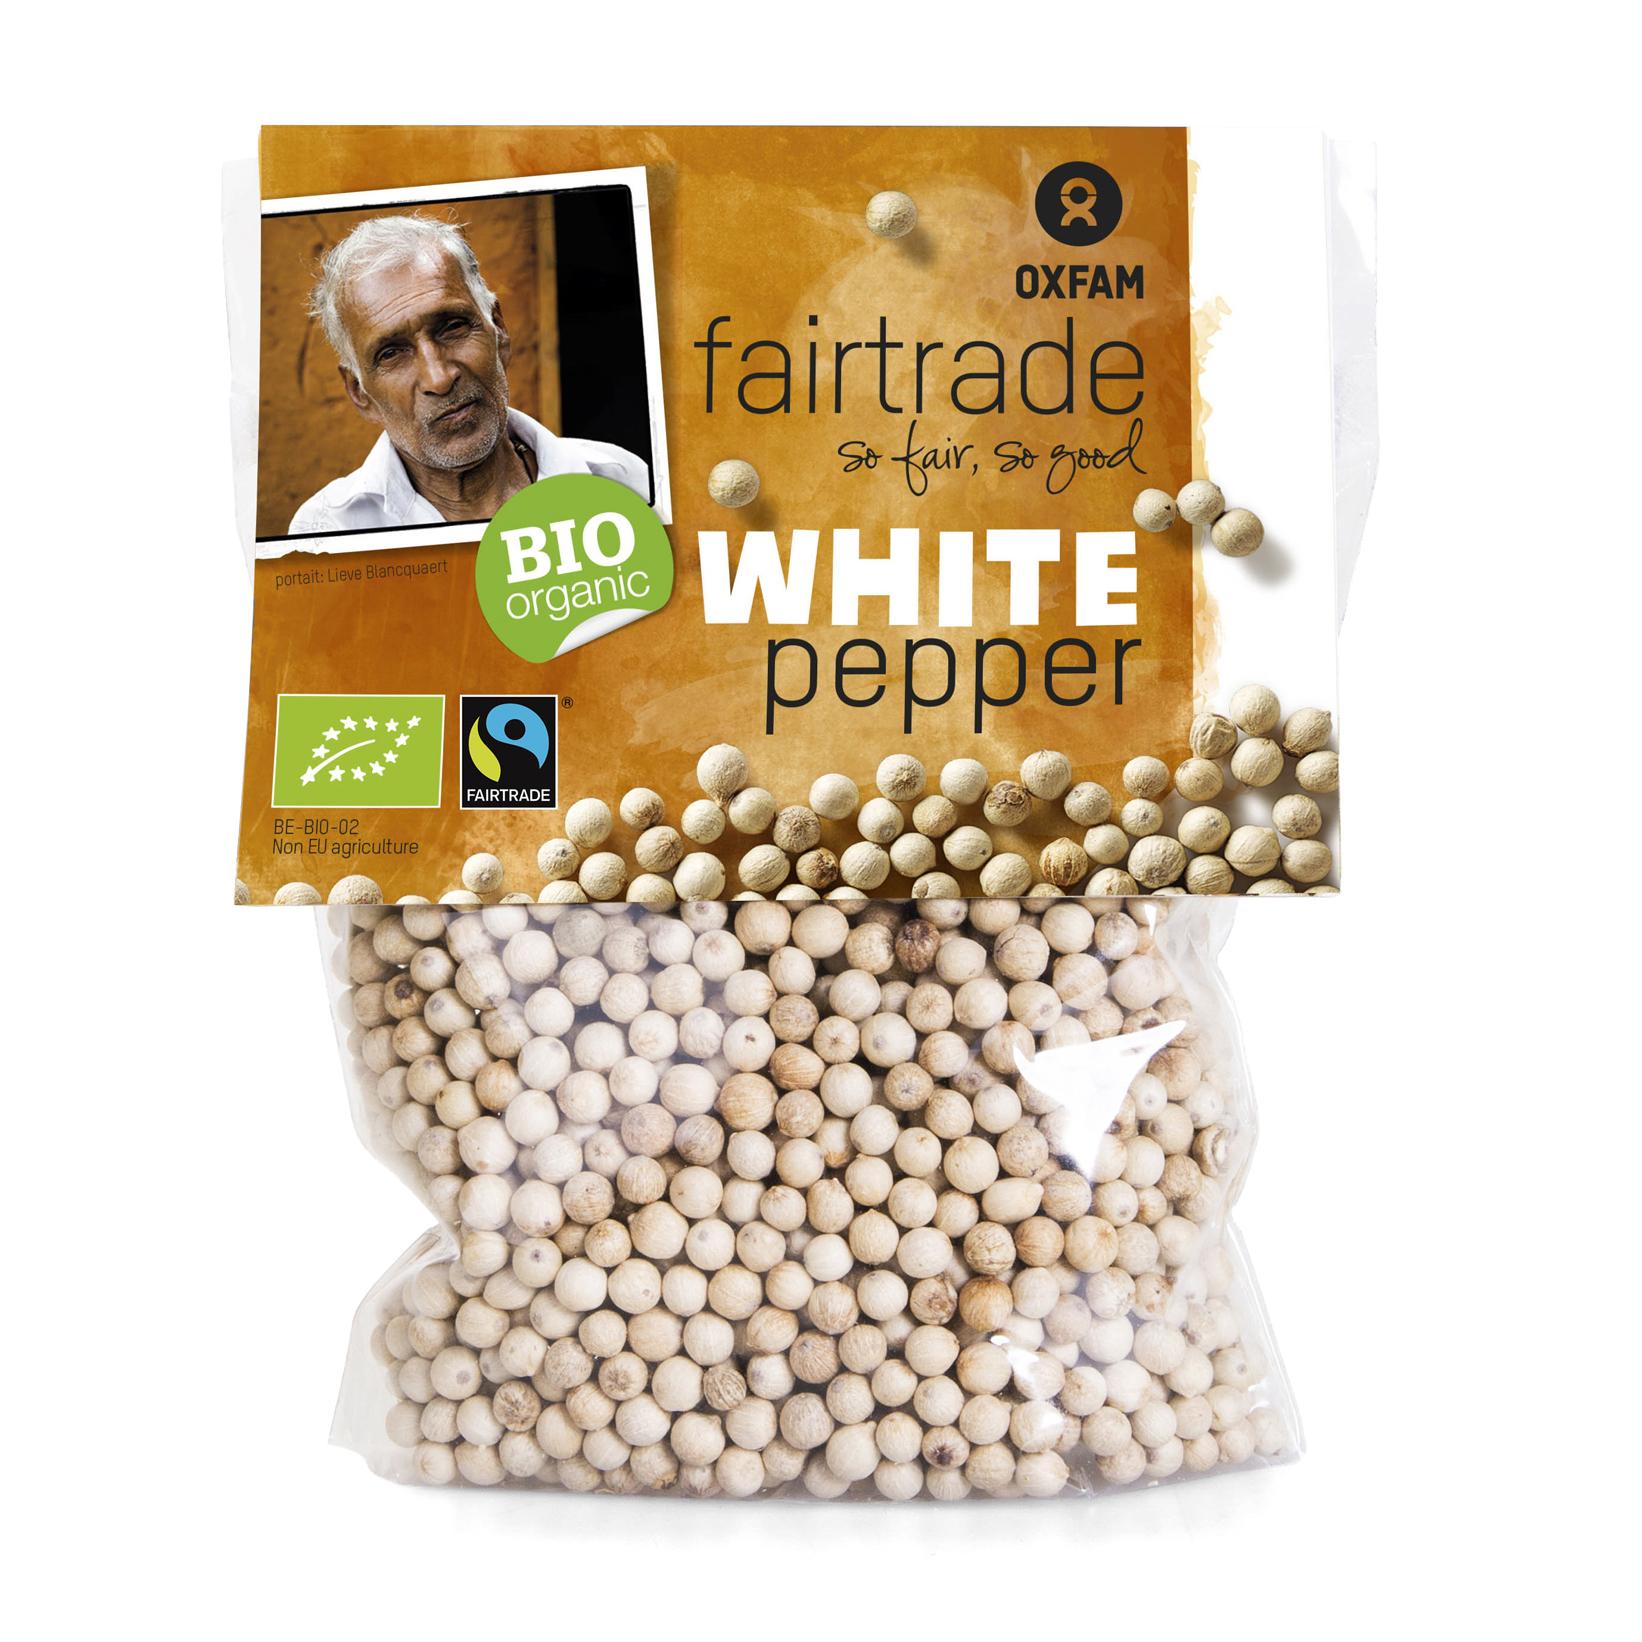 Oxfam Fair Trade 28311